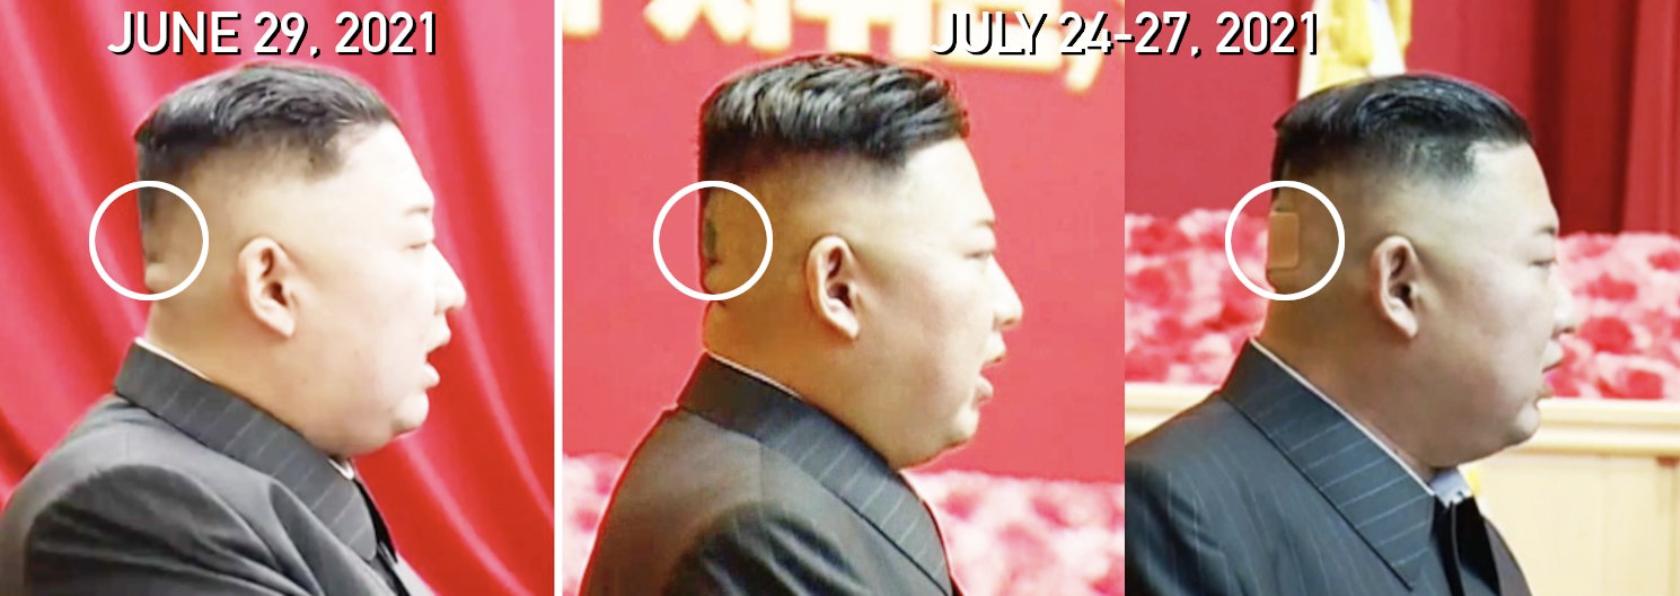 Kim se cubrió a veces con una venda color crudo para disimular la marca. Foto: NK News